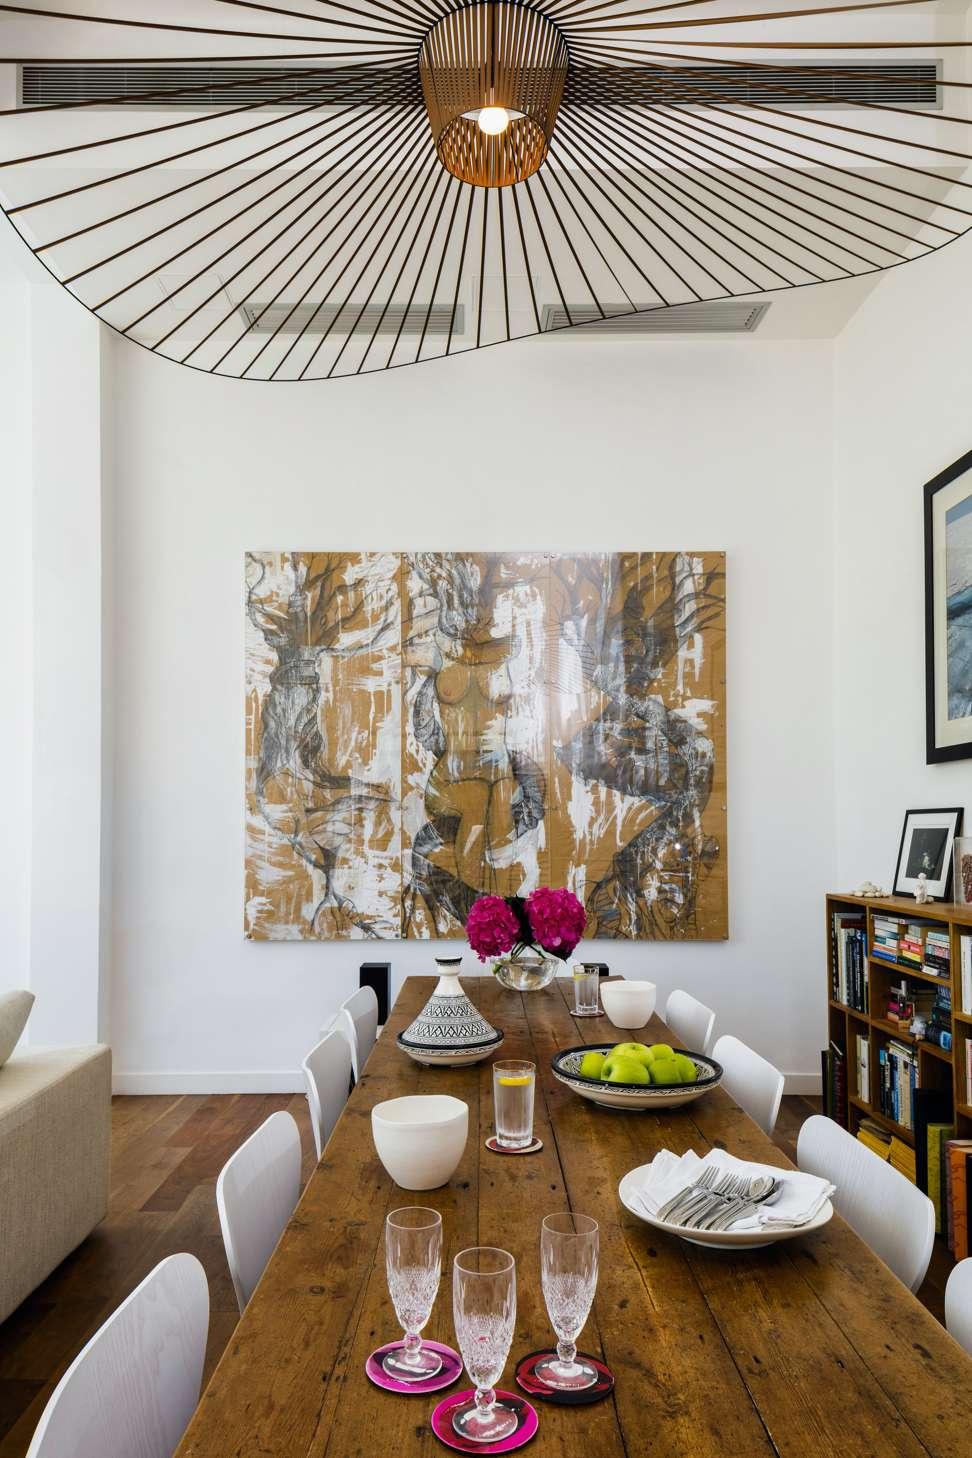 Meet the Australian Feeling in a Modern Home Decor! 3 modern home decor Meet the Australian Feeling in a Modern Home Decor! Meet the Australian Feeling in a Modern Home Decor 3